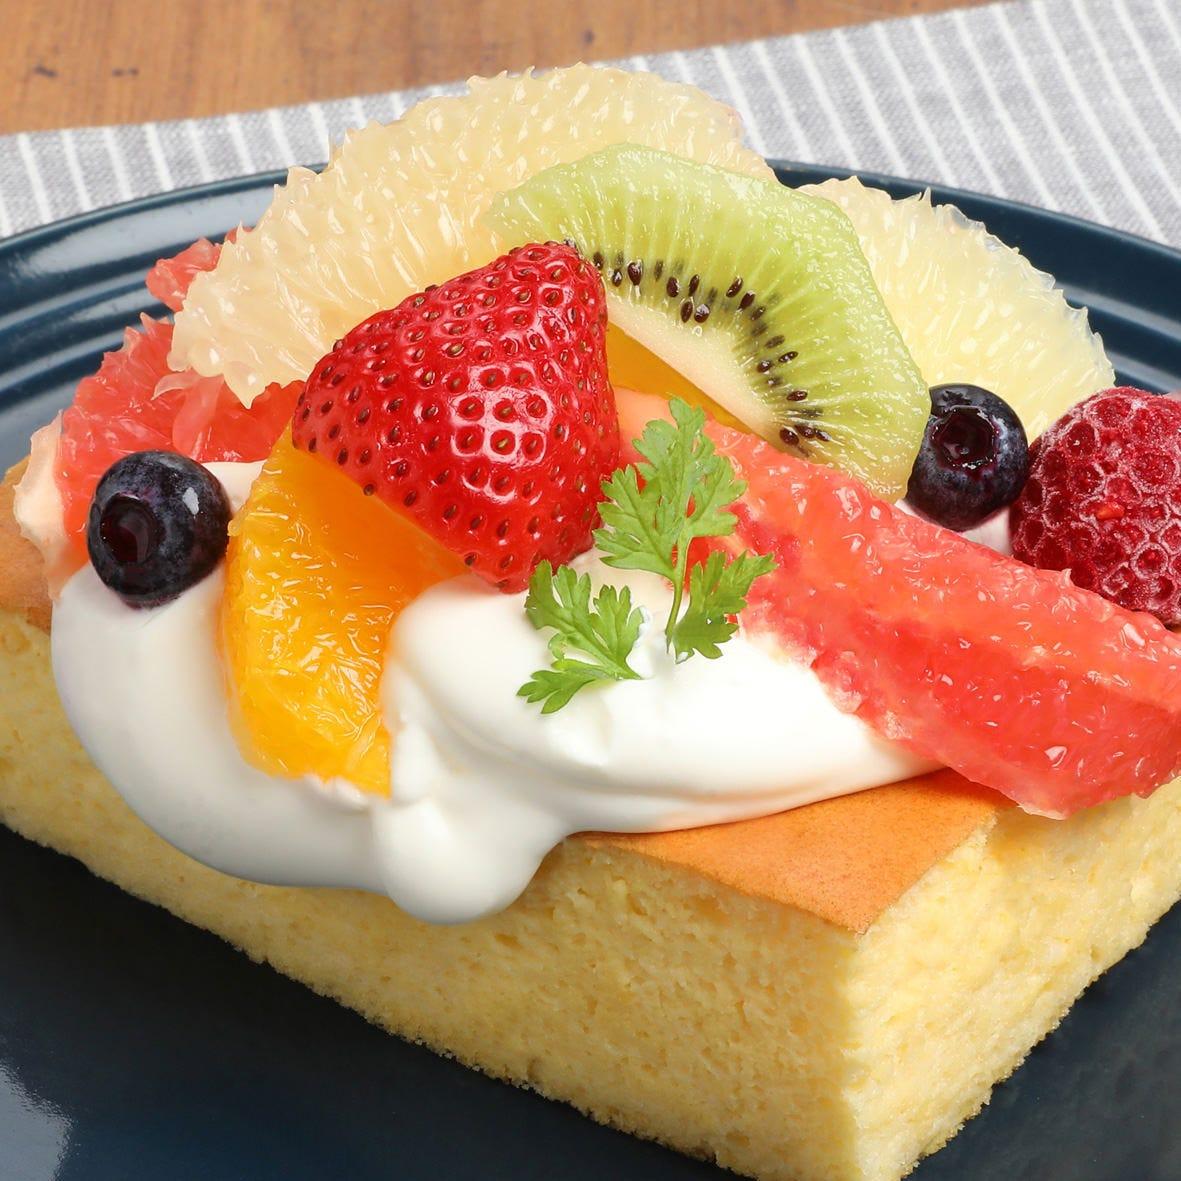 フルーツどら焼きなど、創作感あふれる甘味もご用意☆